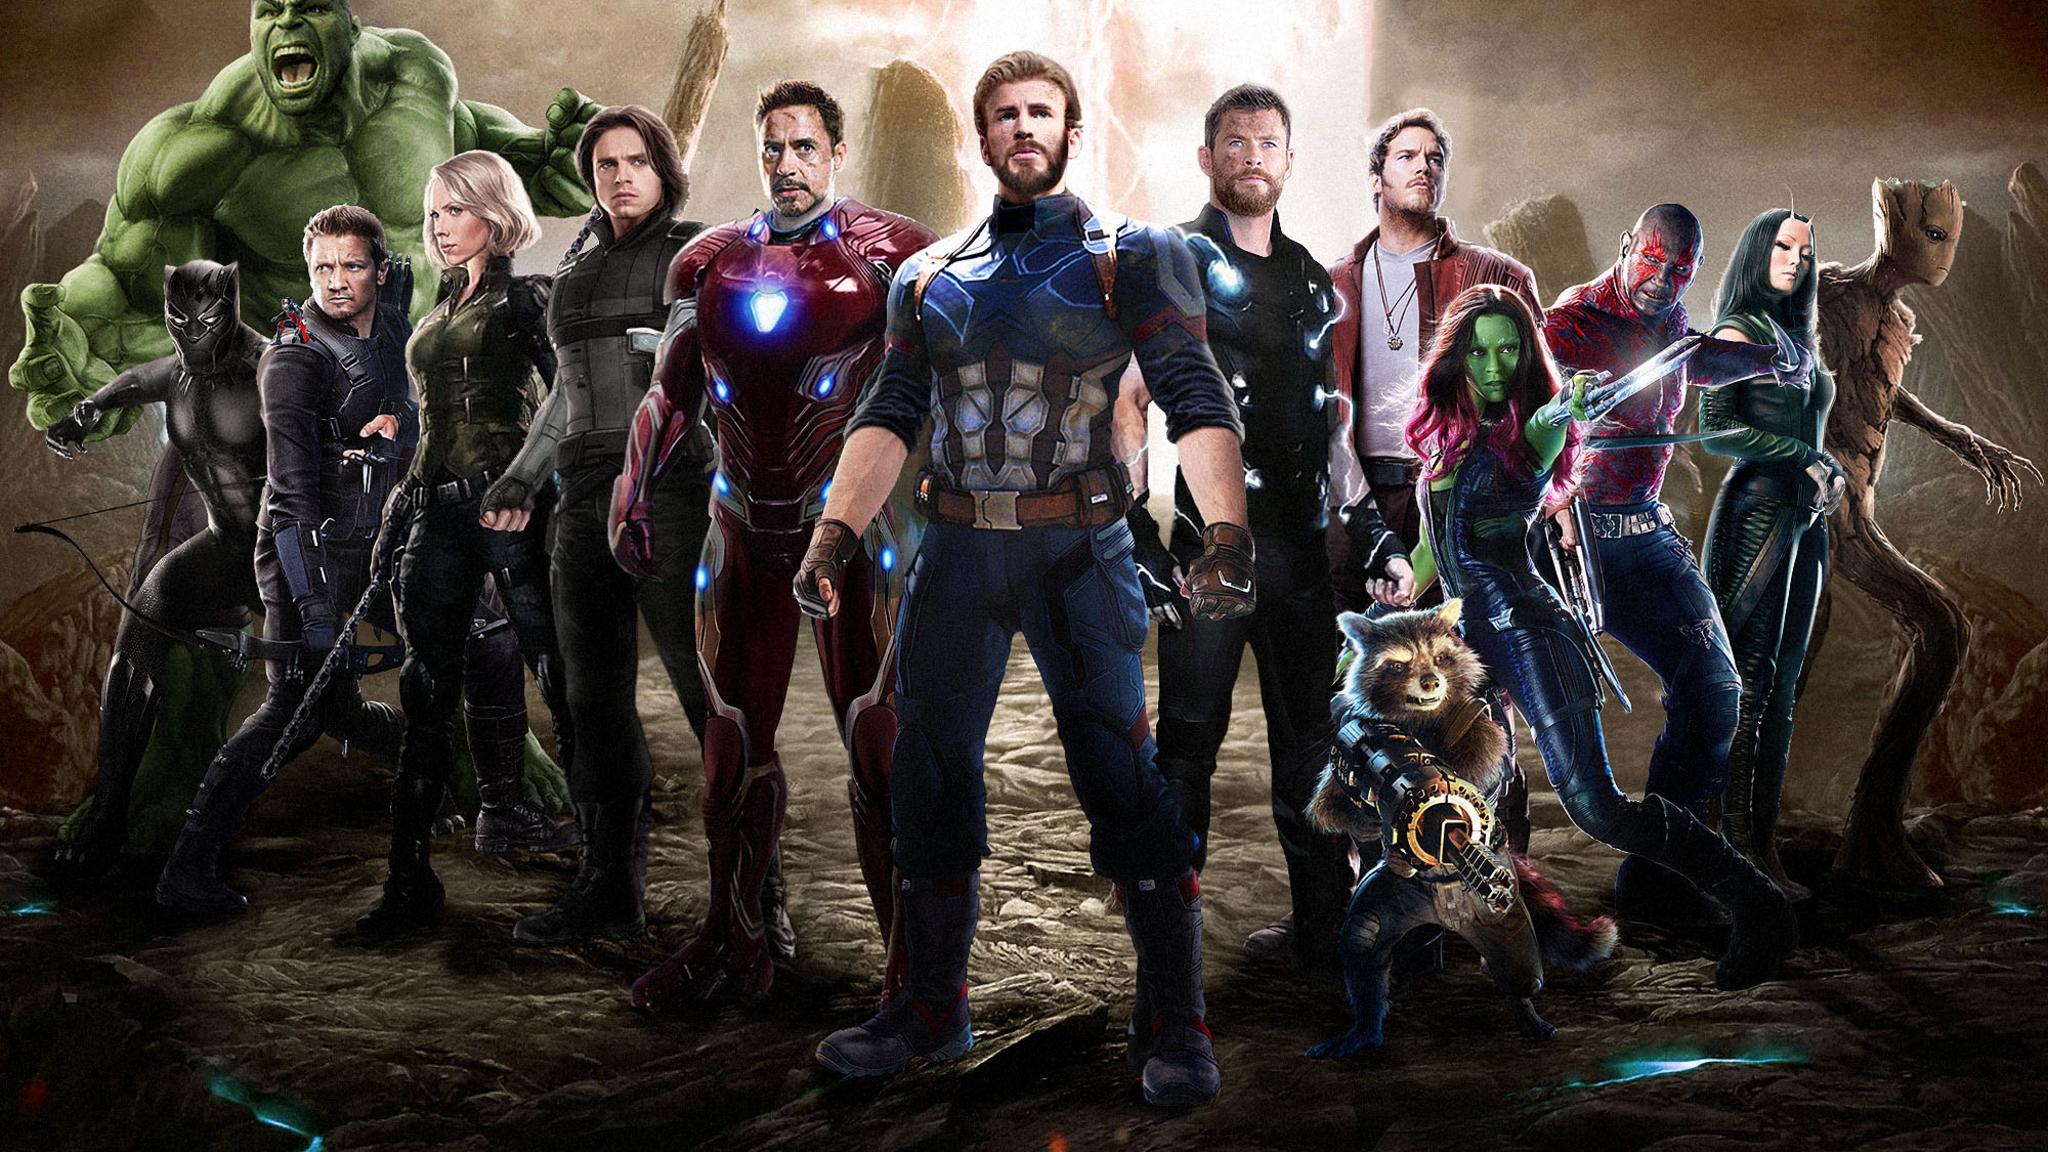 2048x1152 Pubg Fan Art 2048x1152 Resolution Hd 4k: 2048x1152 Avengers Infinity War 2018 Movie Fan Art